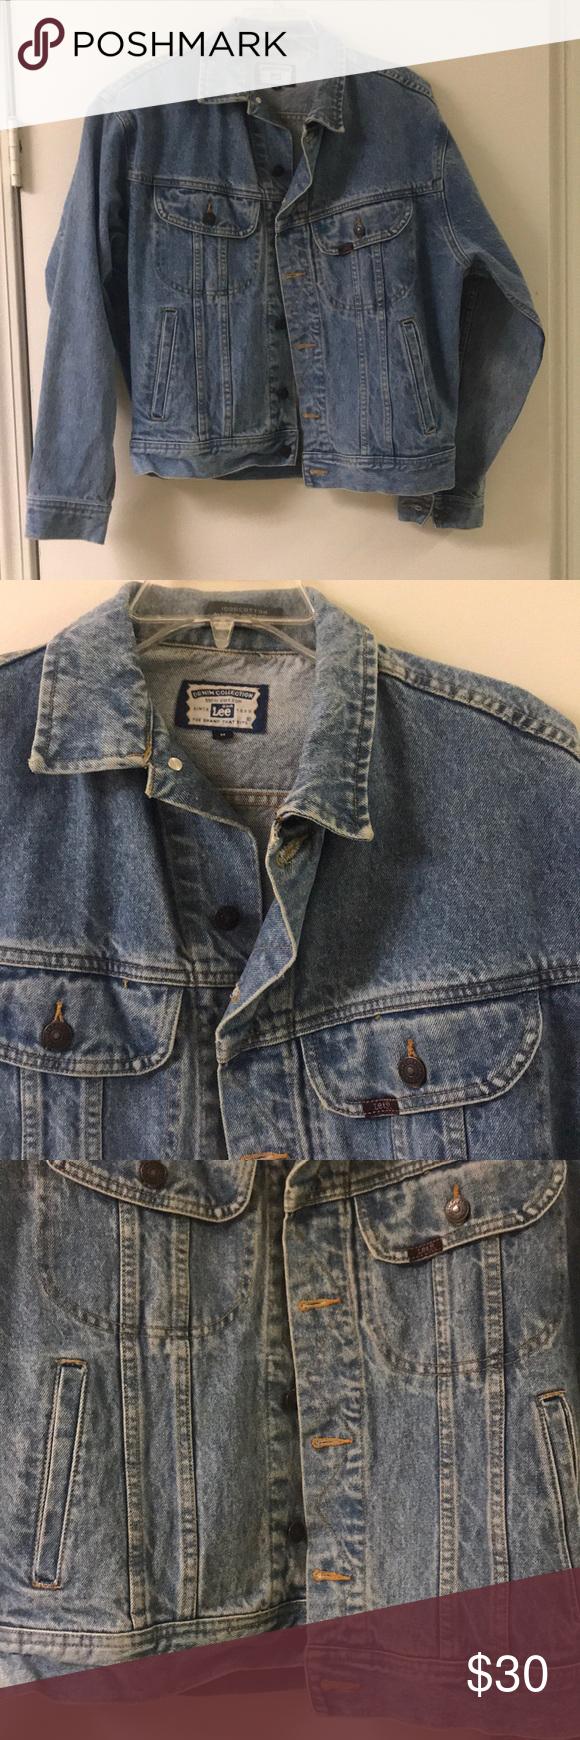 Lee Denim Jacket In 2020 Lee Denim Lee Denim Jacket Denim Jacket [ 1740 x 580 Pixel ]